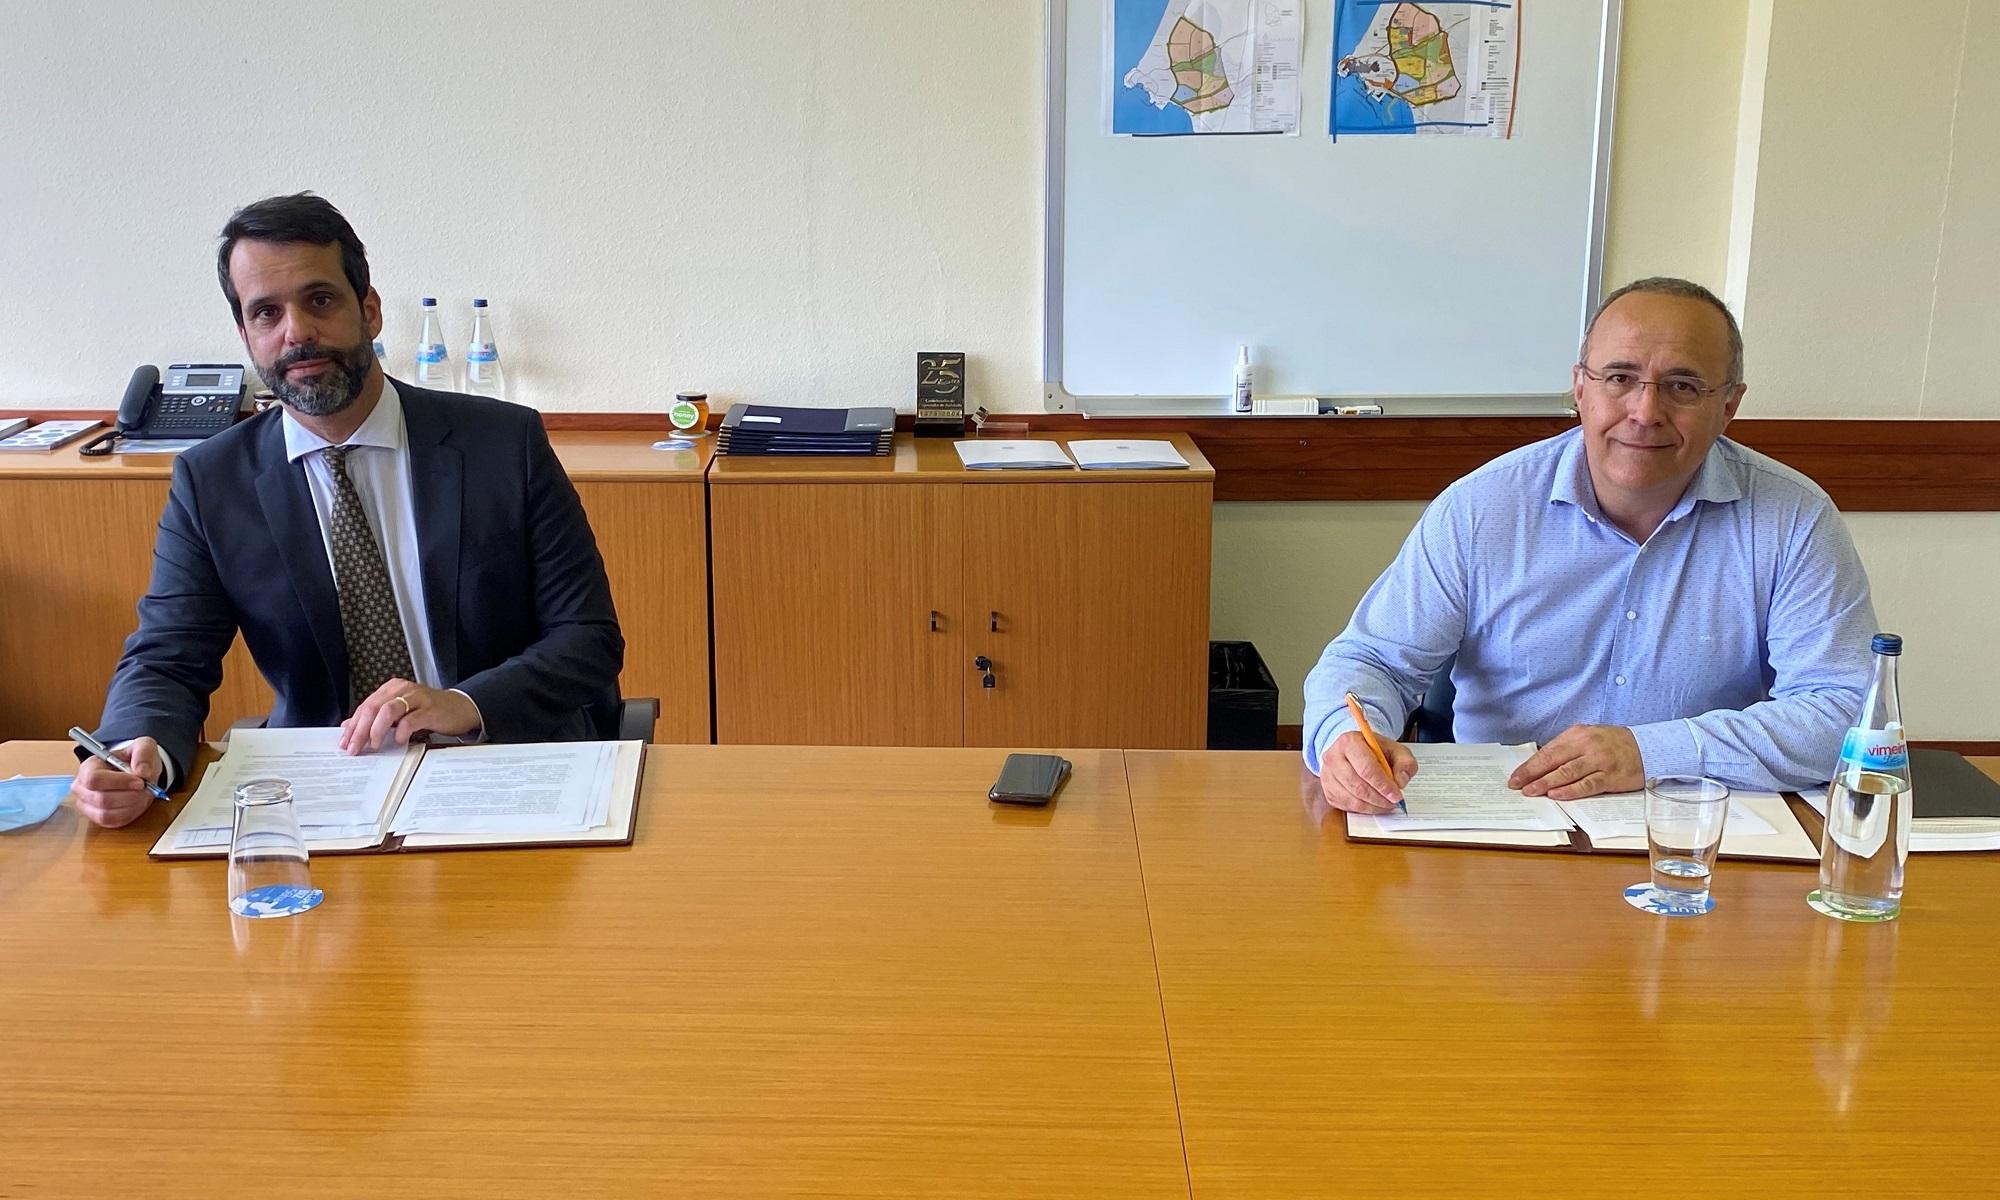 Assinatura de contrato entre a aicep Global Parques e a Repsol, para 57 ha na ZILS onde a Repsol pretende implantar um projeto de recuperação ambiental e produção de energia renovável associado ao desenvolvimento do Complexo Petroquímico da ZILS